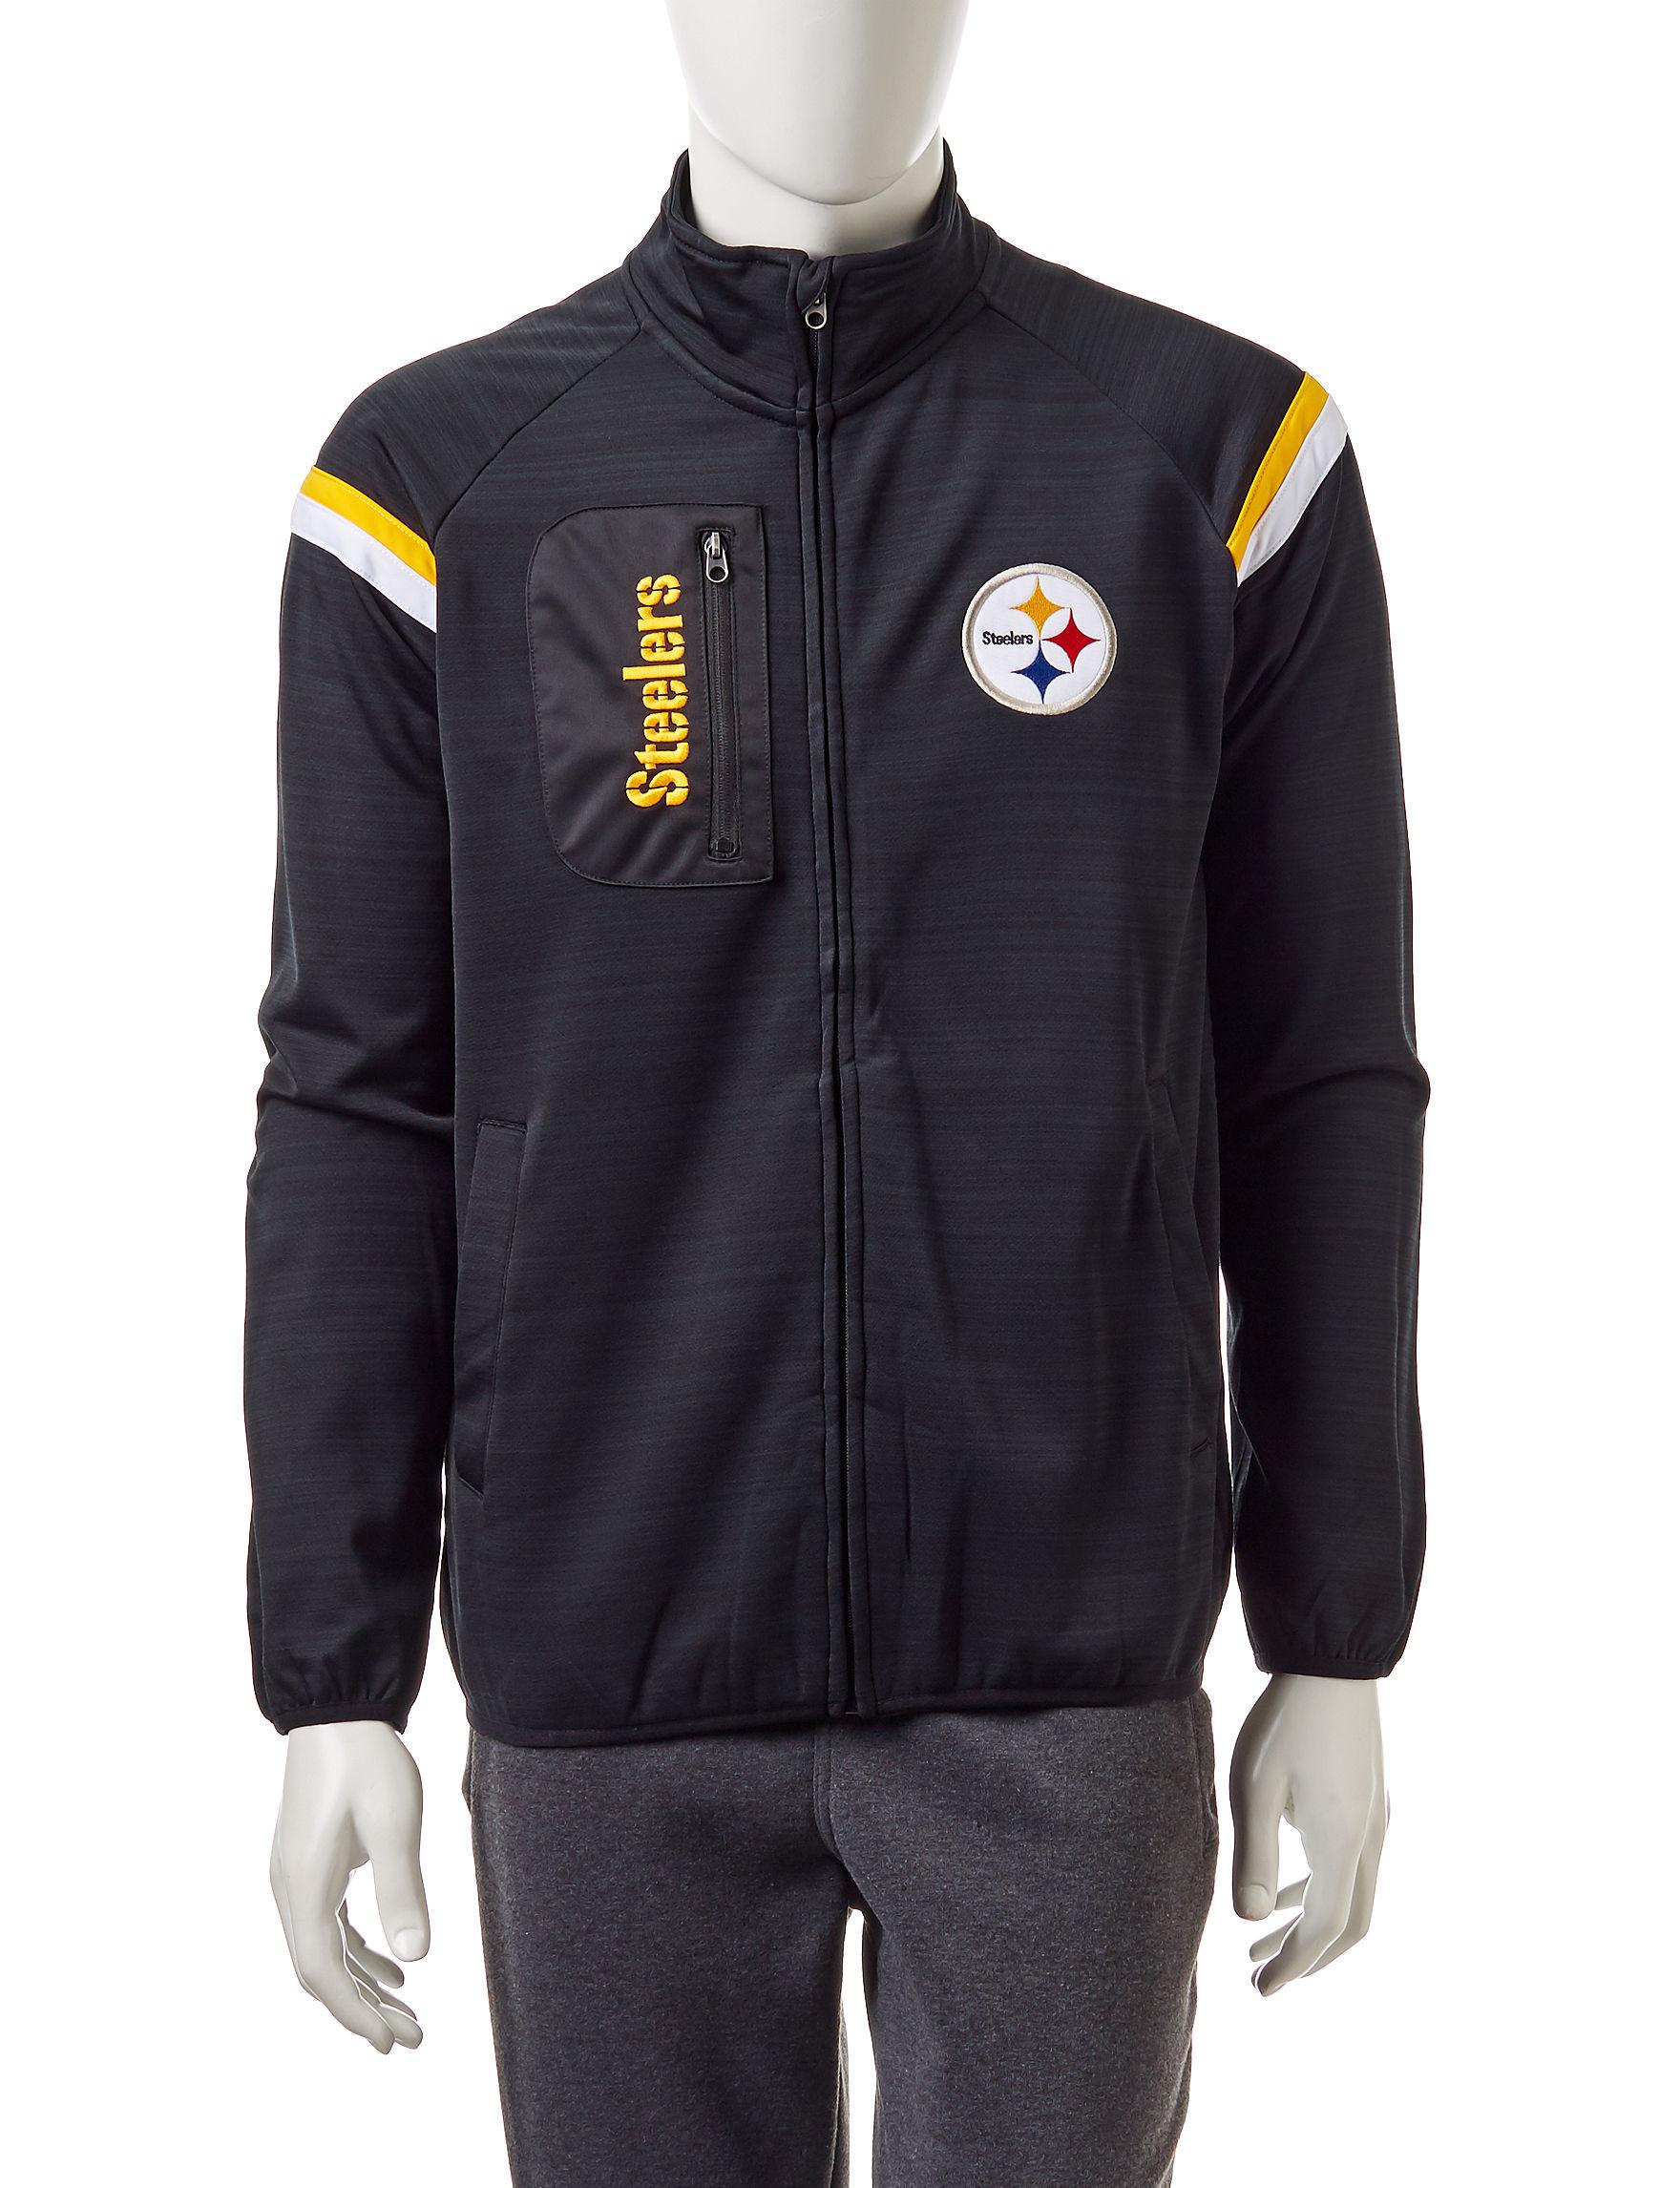 NFL Dark Grey Zip-Ups NFL